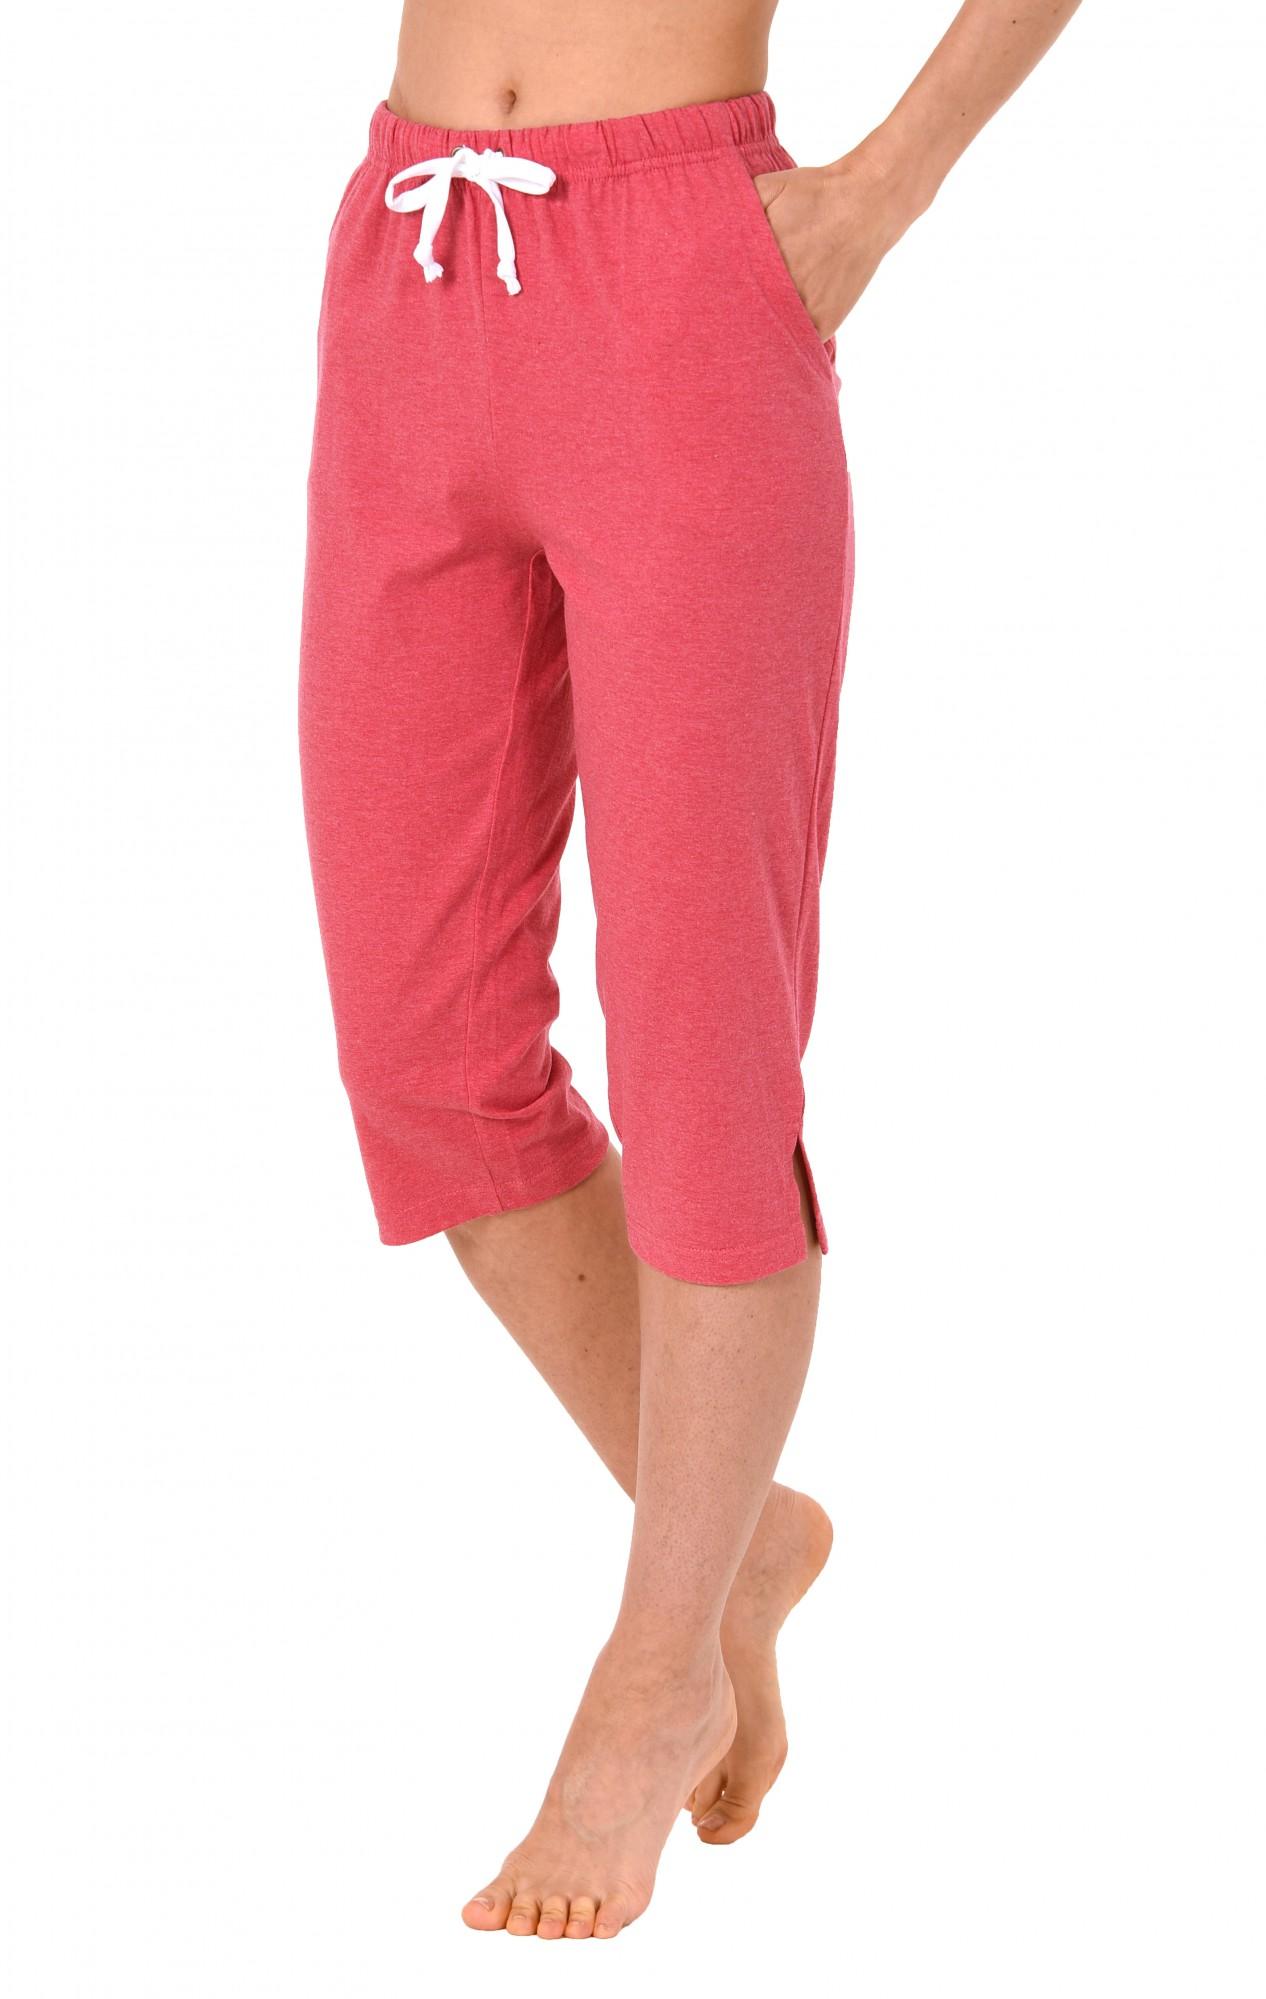 Damen Pyjama Capri Hose 3/4-lang - Mix & Match - ideal zum kombinieren  223 90 902 – Bild 1